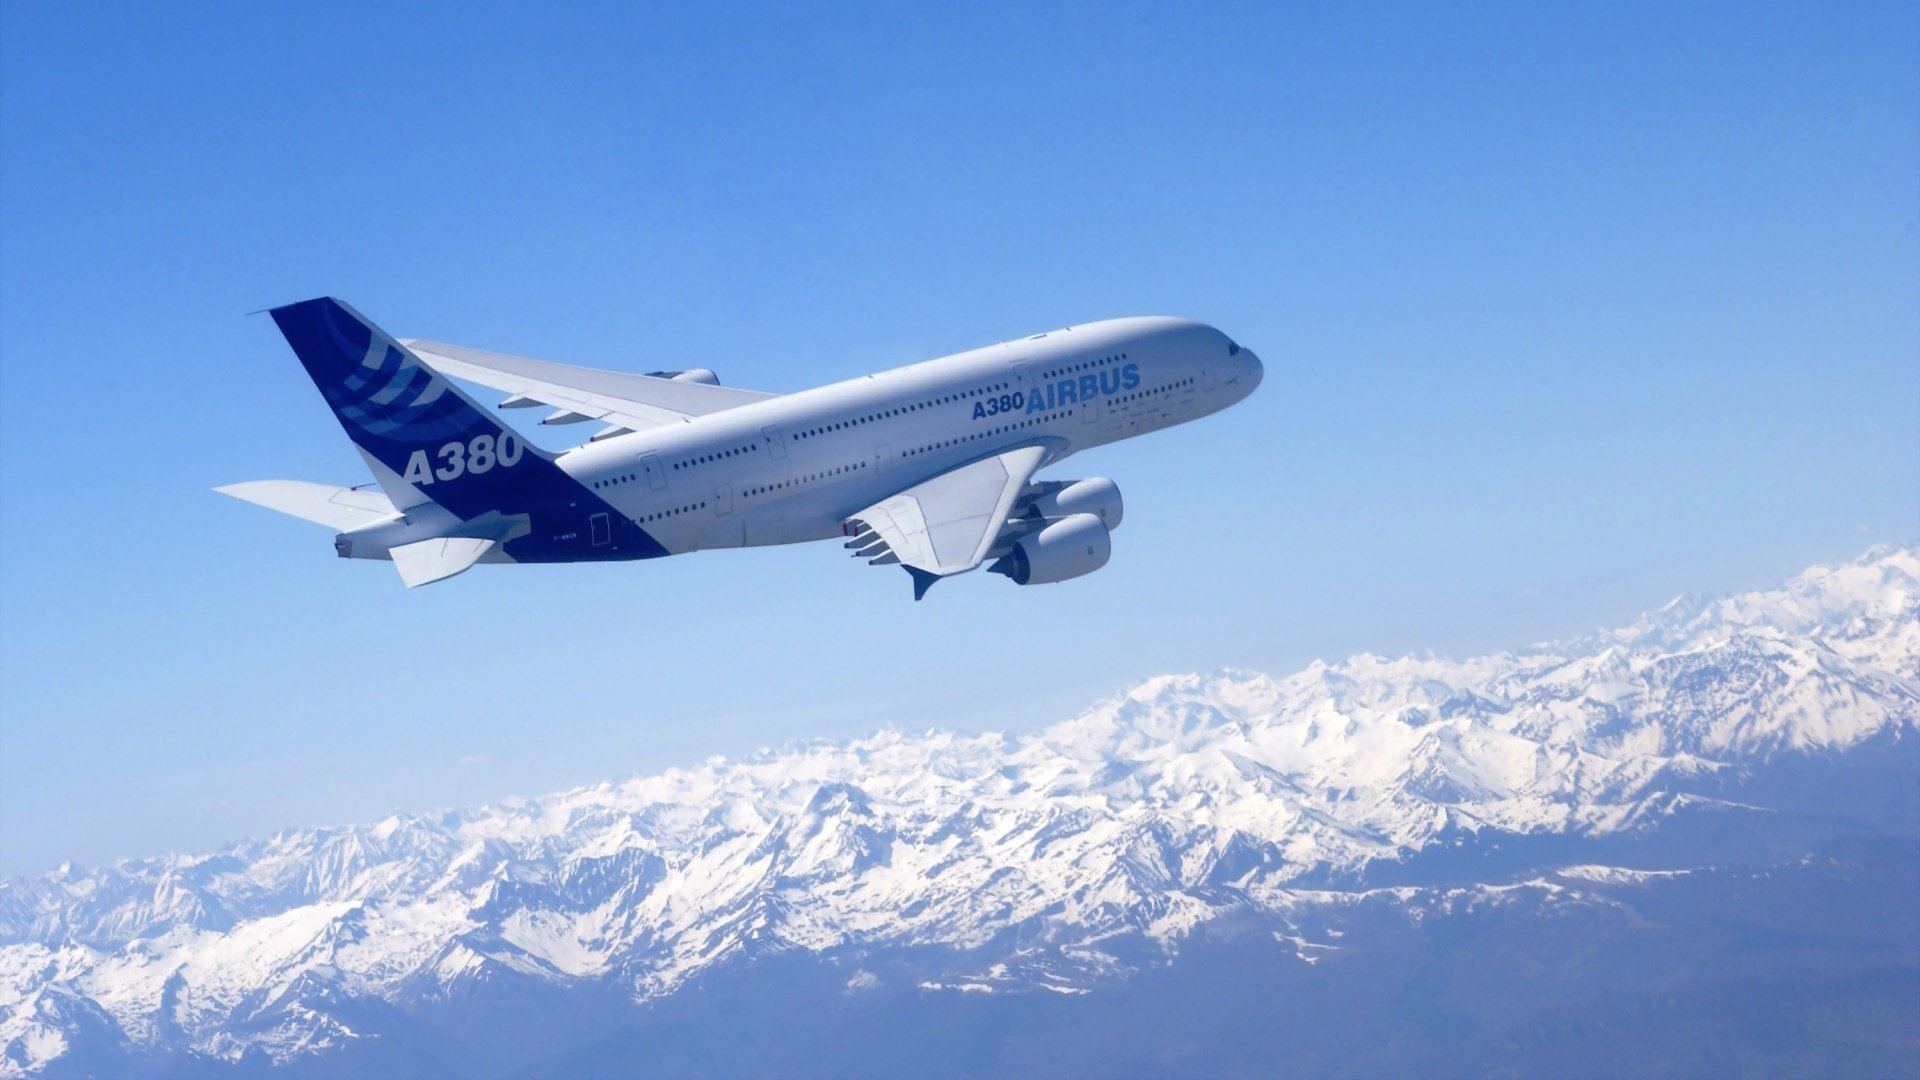 Взлет A380 Airbus без смс